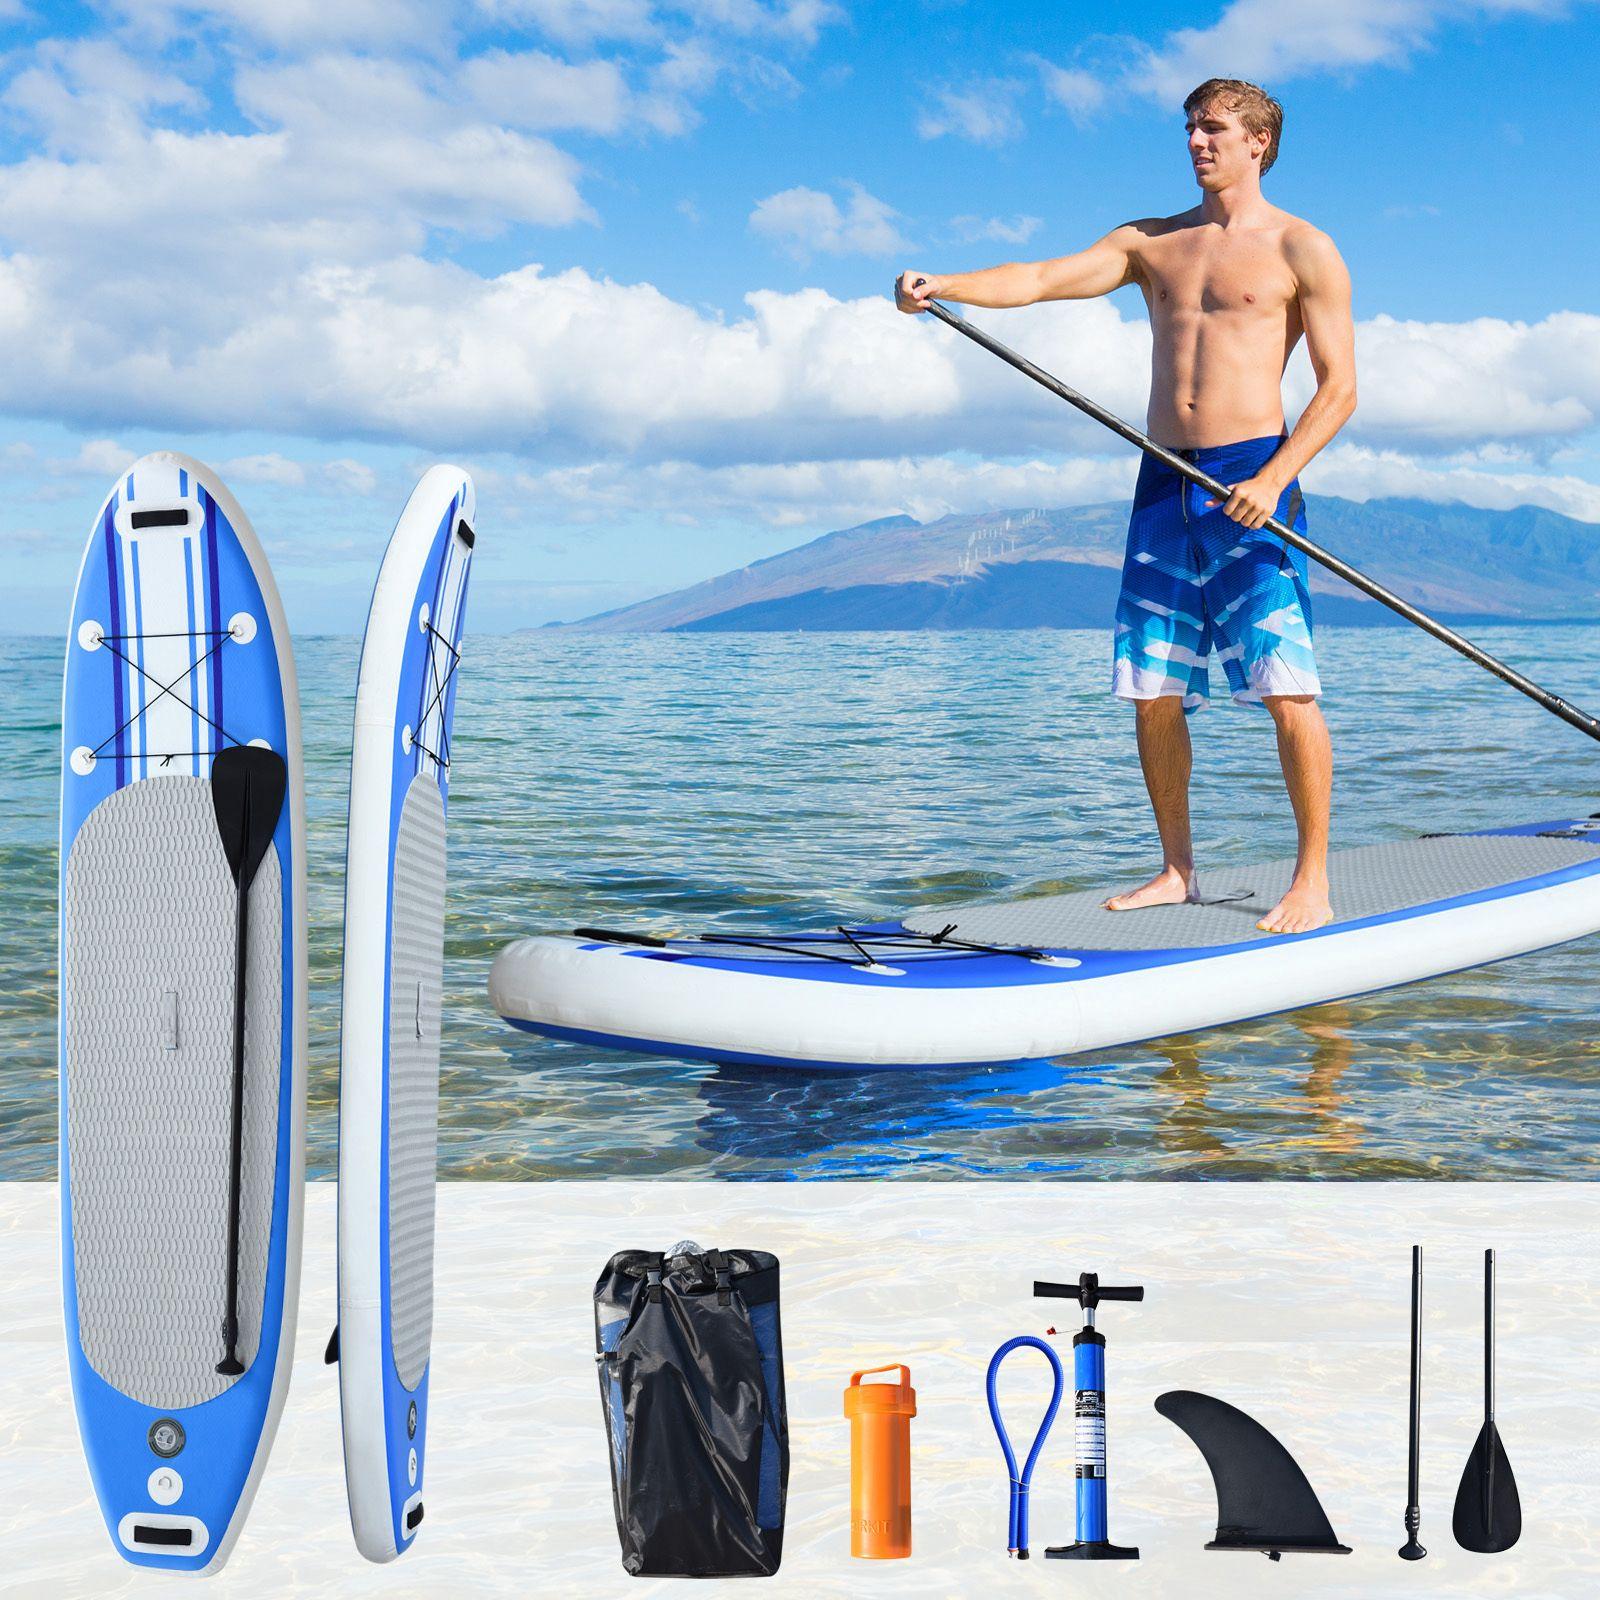 Jolitec® Tabla de Paddle Surf  con Remo Ajustable y Bomba